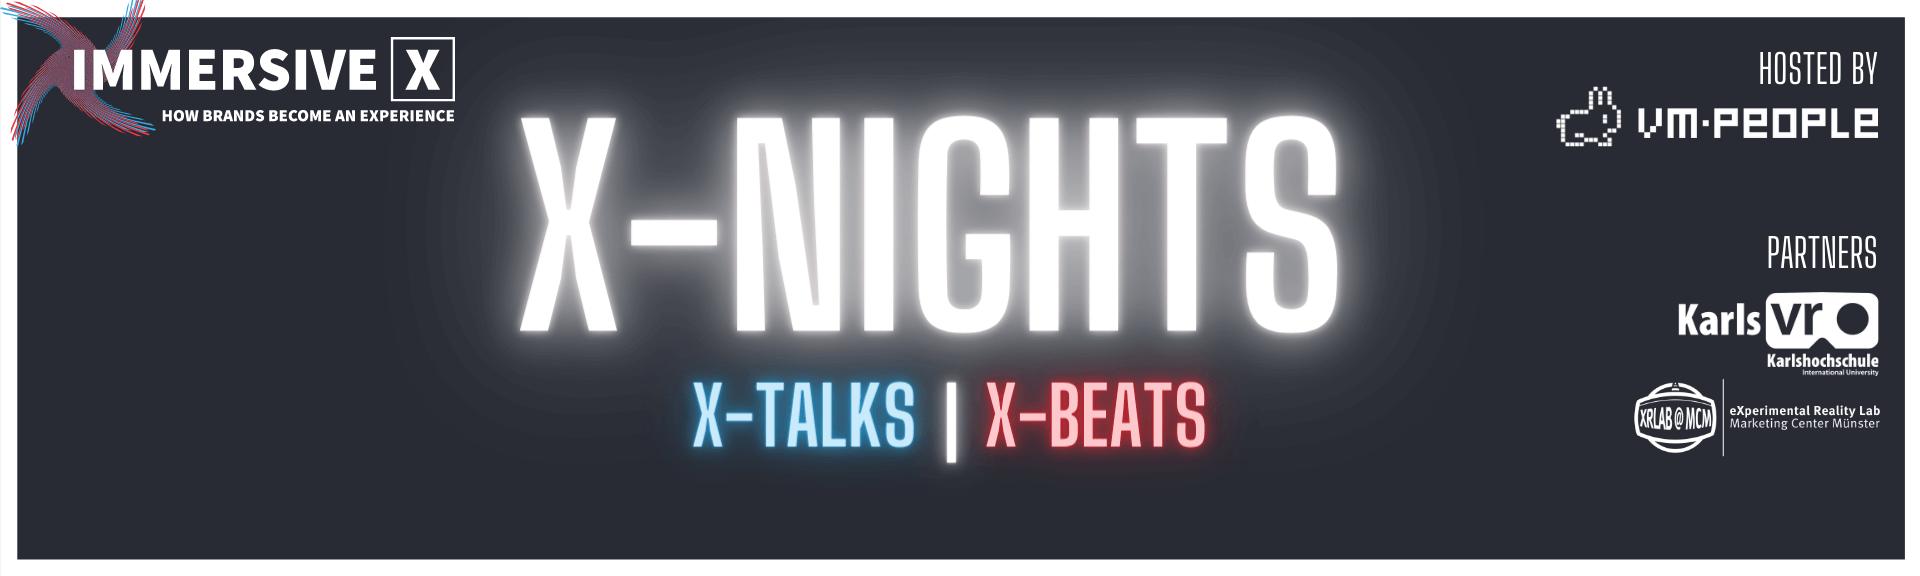 X-NIGHTS